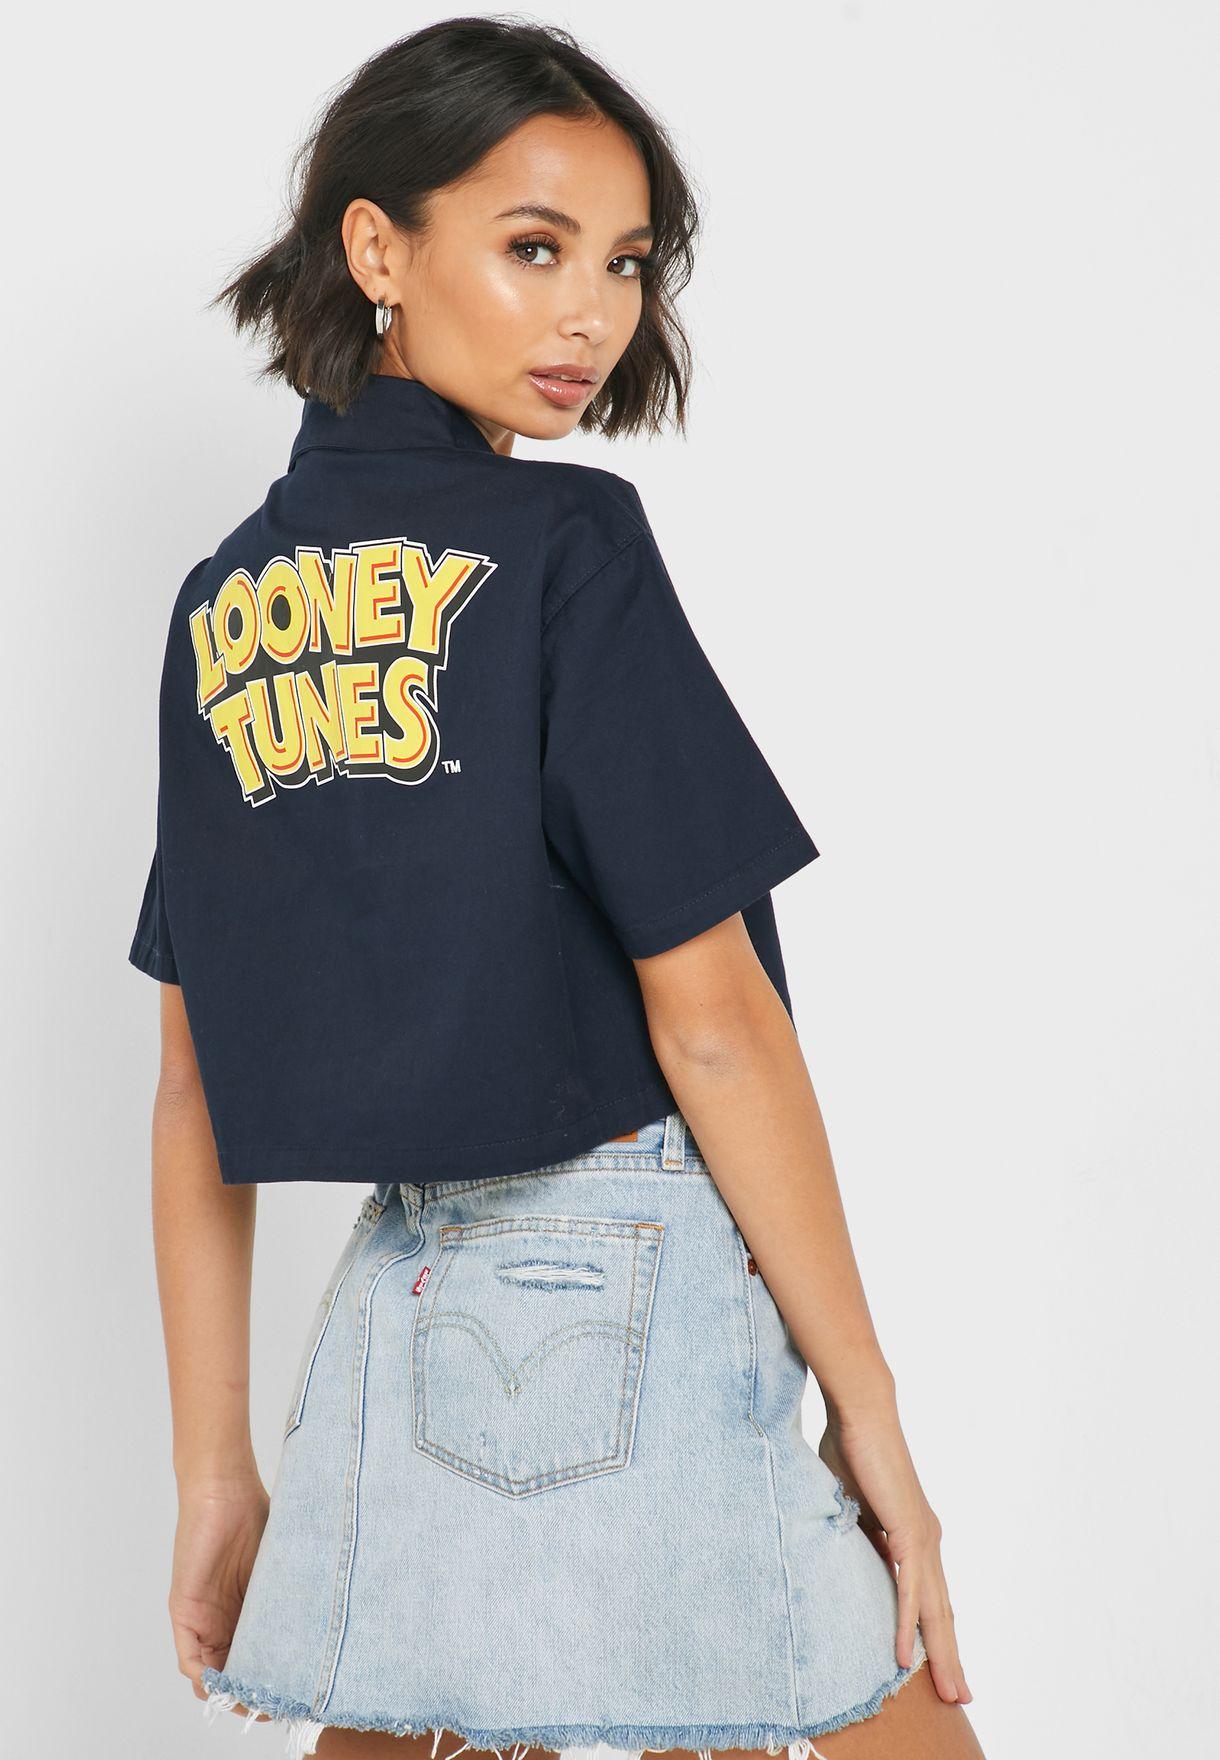 قميص قصير لوني تونز